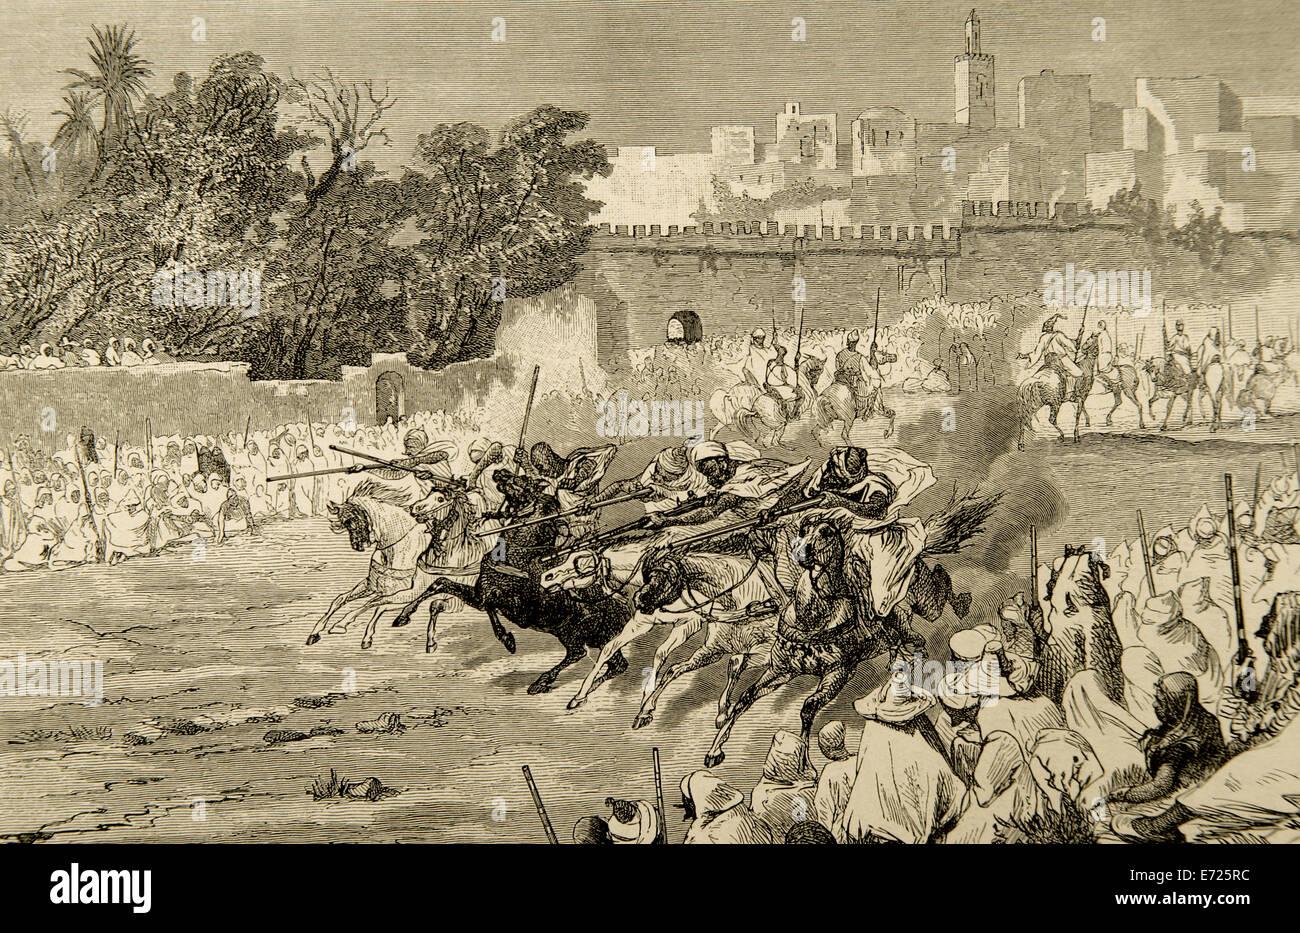 La storia. L'Islam. Le celebrazioni per commemorare la nascita di Maometto. Il Marocco. Incisione di Biseo. Immagini Stock